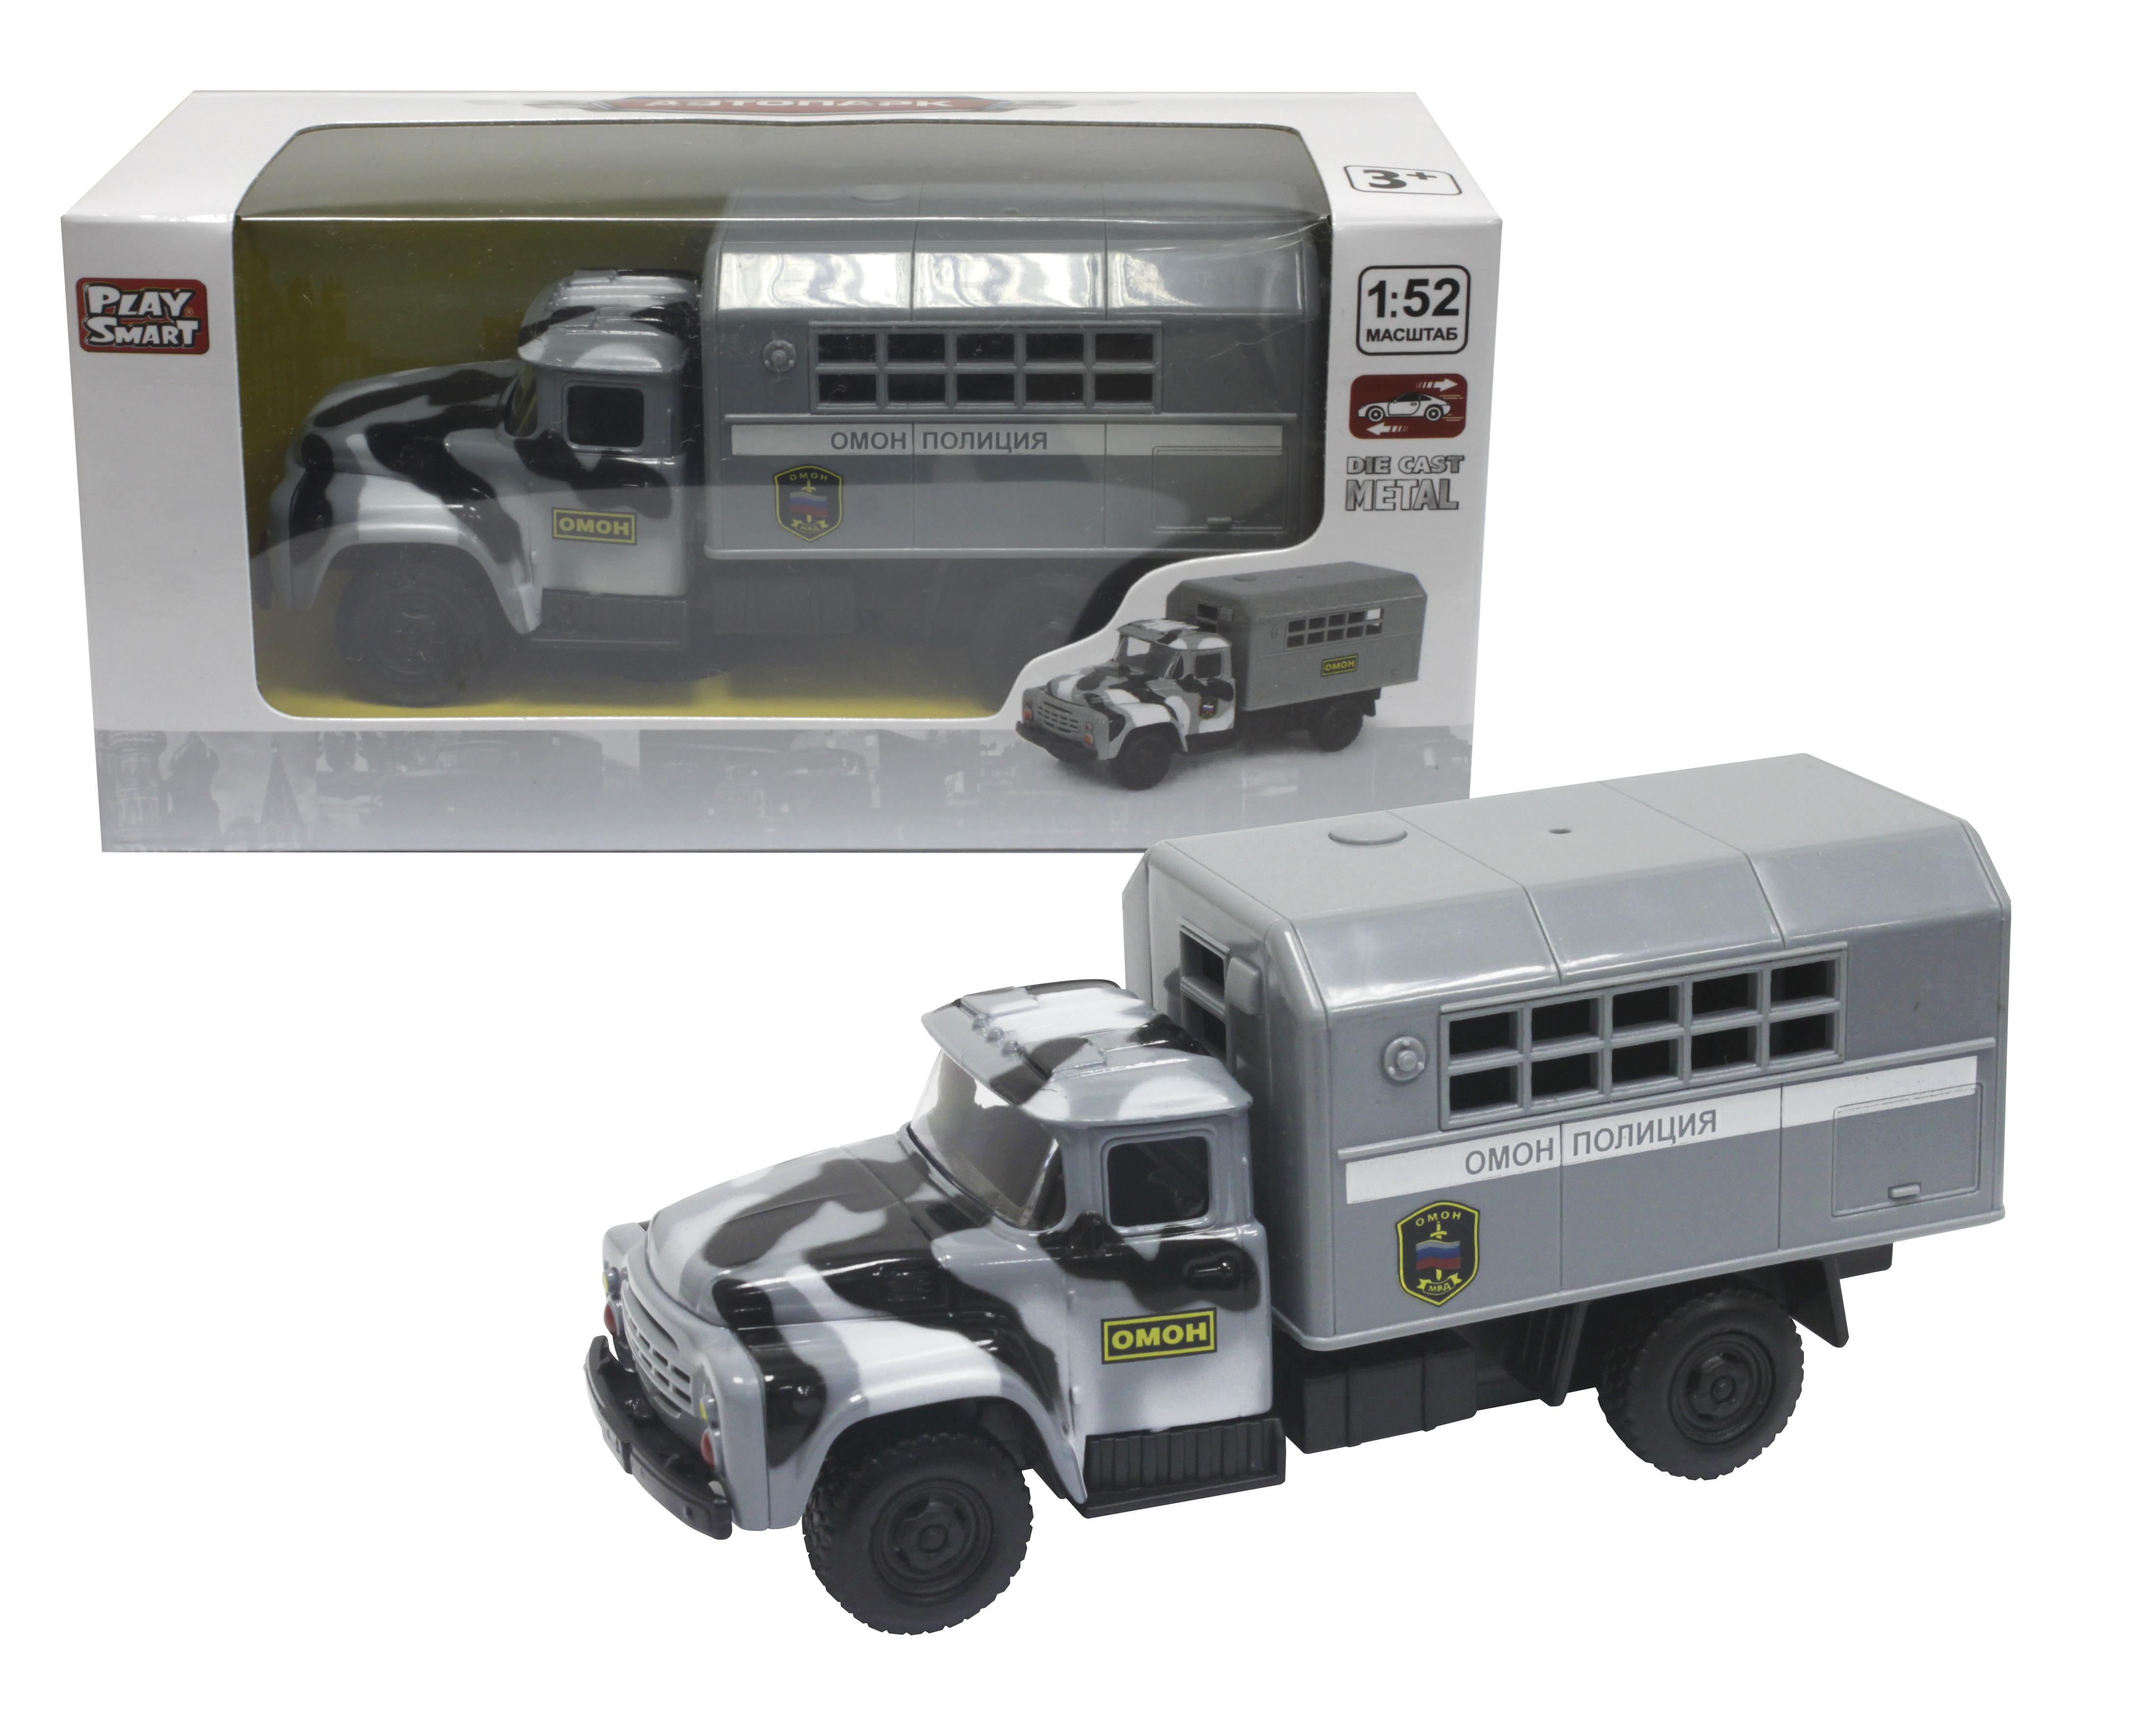 Грузовики и самосвалы PlaySmart Инерционный грузовик PlaySmart «ЗИЛ (ОМОН)» 1:52 машины fun toy грузовик инерционный электромеxанический 44404 6